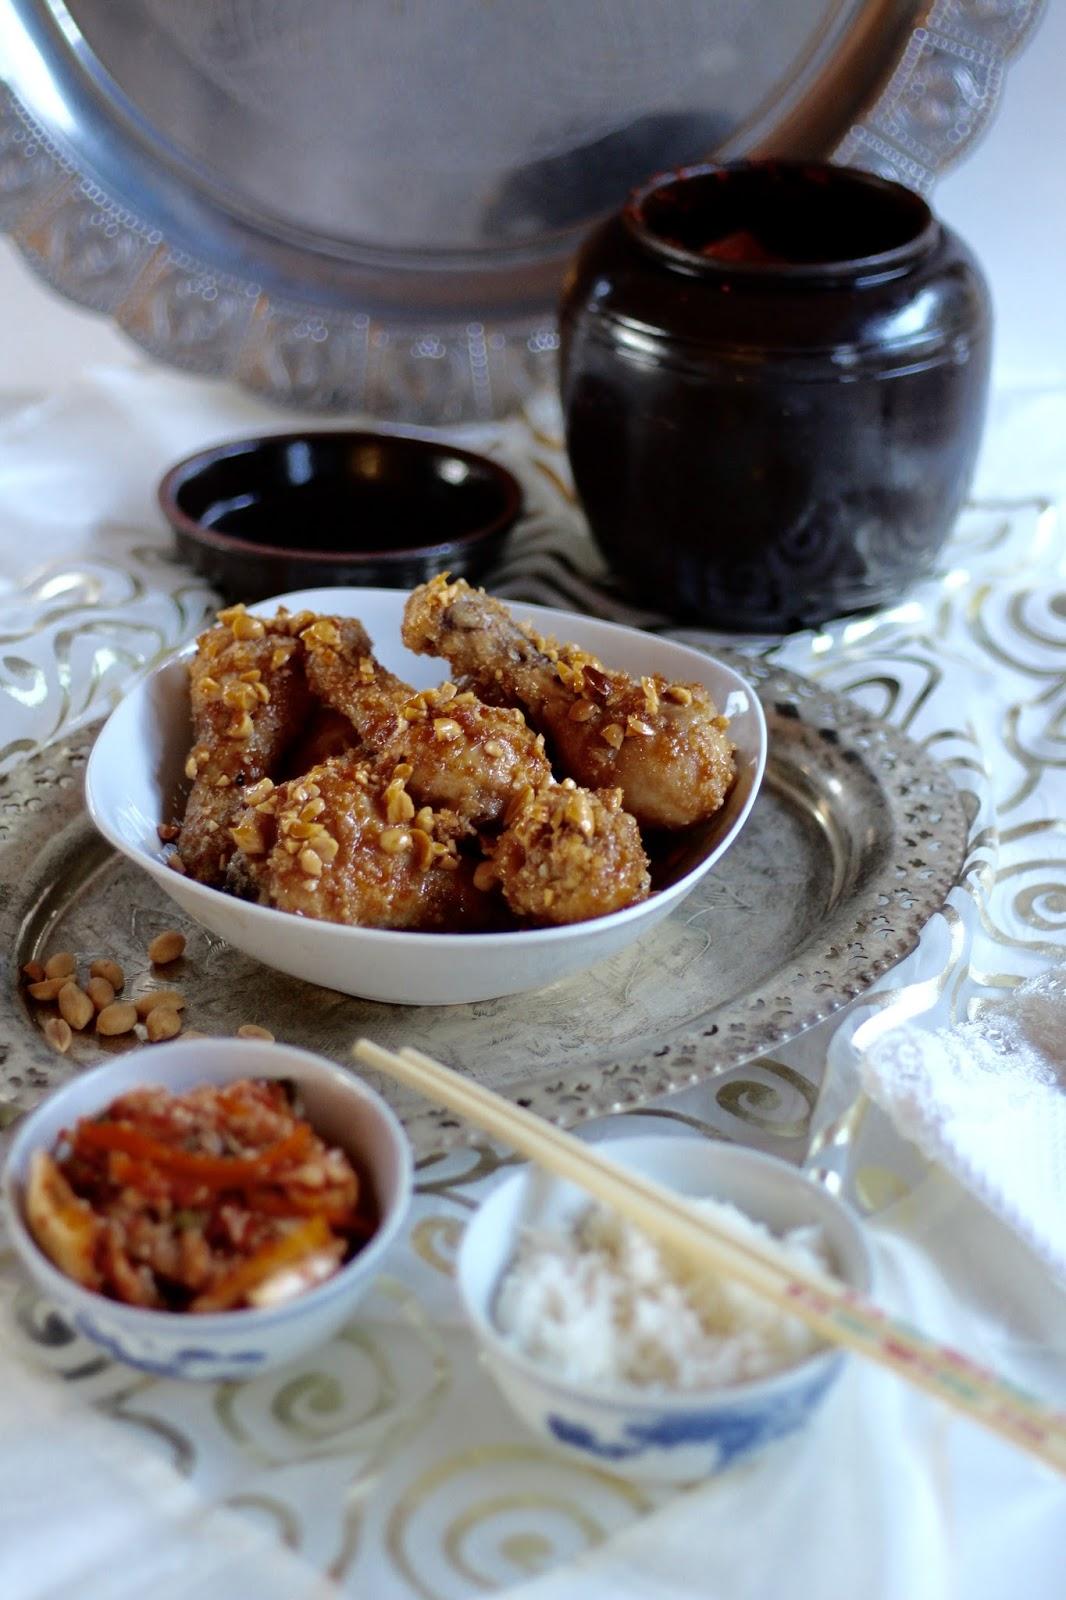 Knusprige Hähnchenschenkel mit Erdnüssen - Koreanisches Dakgangjeong nach Maangchi